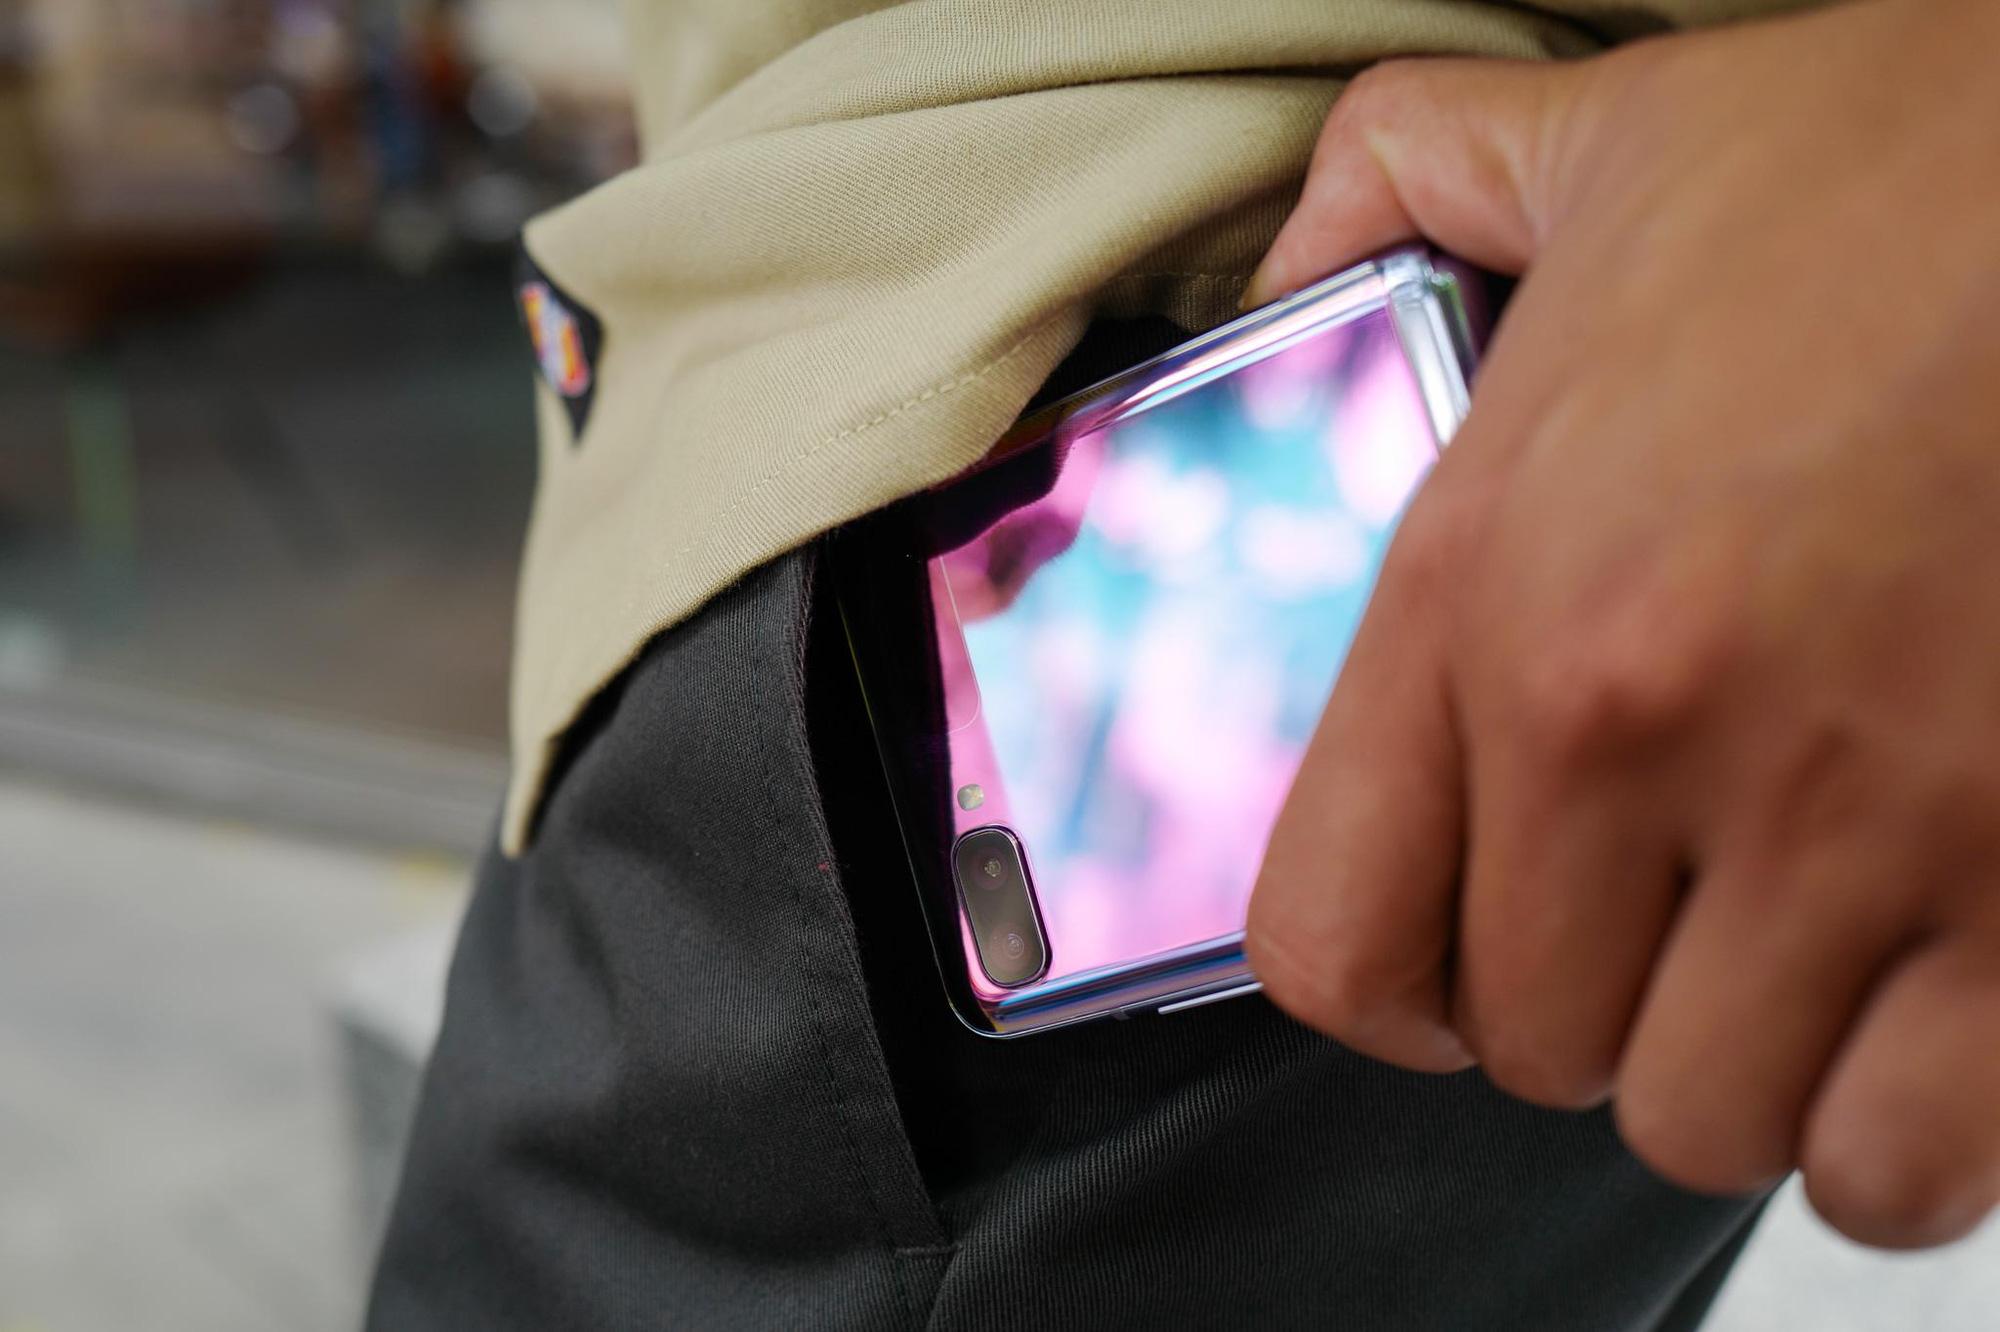 """Chỉ thêm khả năng """"gập"""" nhưng Galaxy Z Flip đã thay đổi hoàn toàn cách chúng ta nhìn nhận về điện thoại như thế nào? - Ảnh 3."""